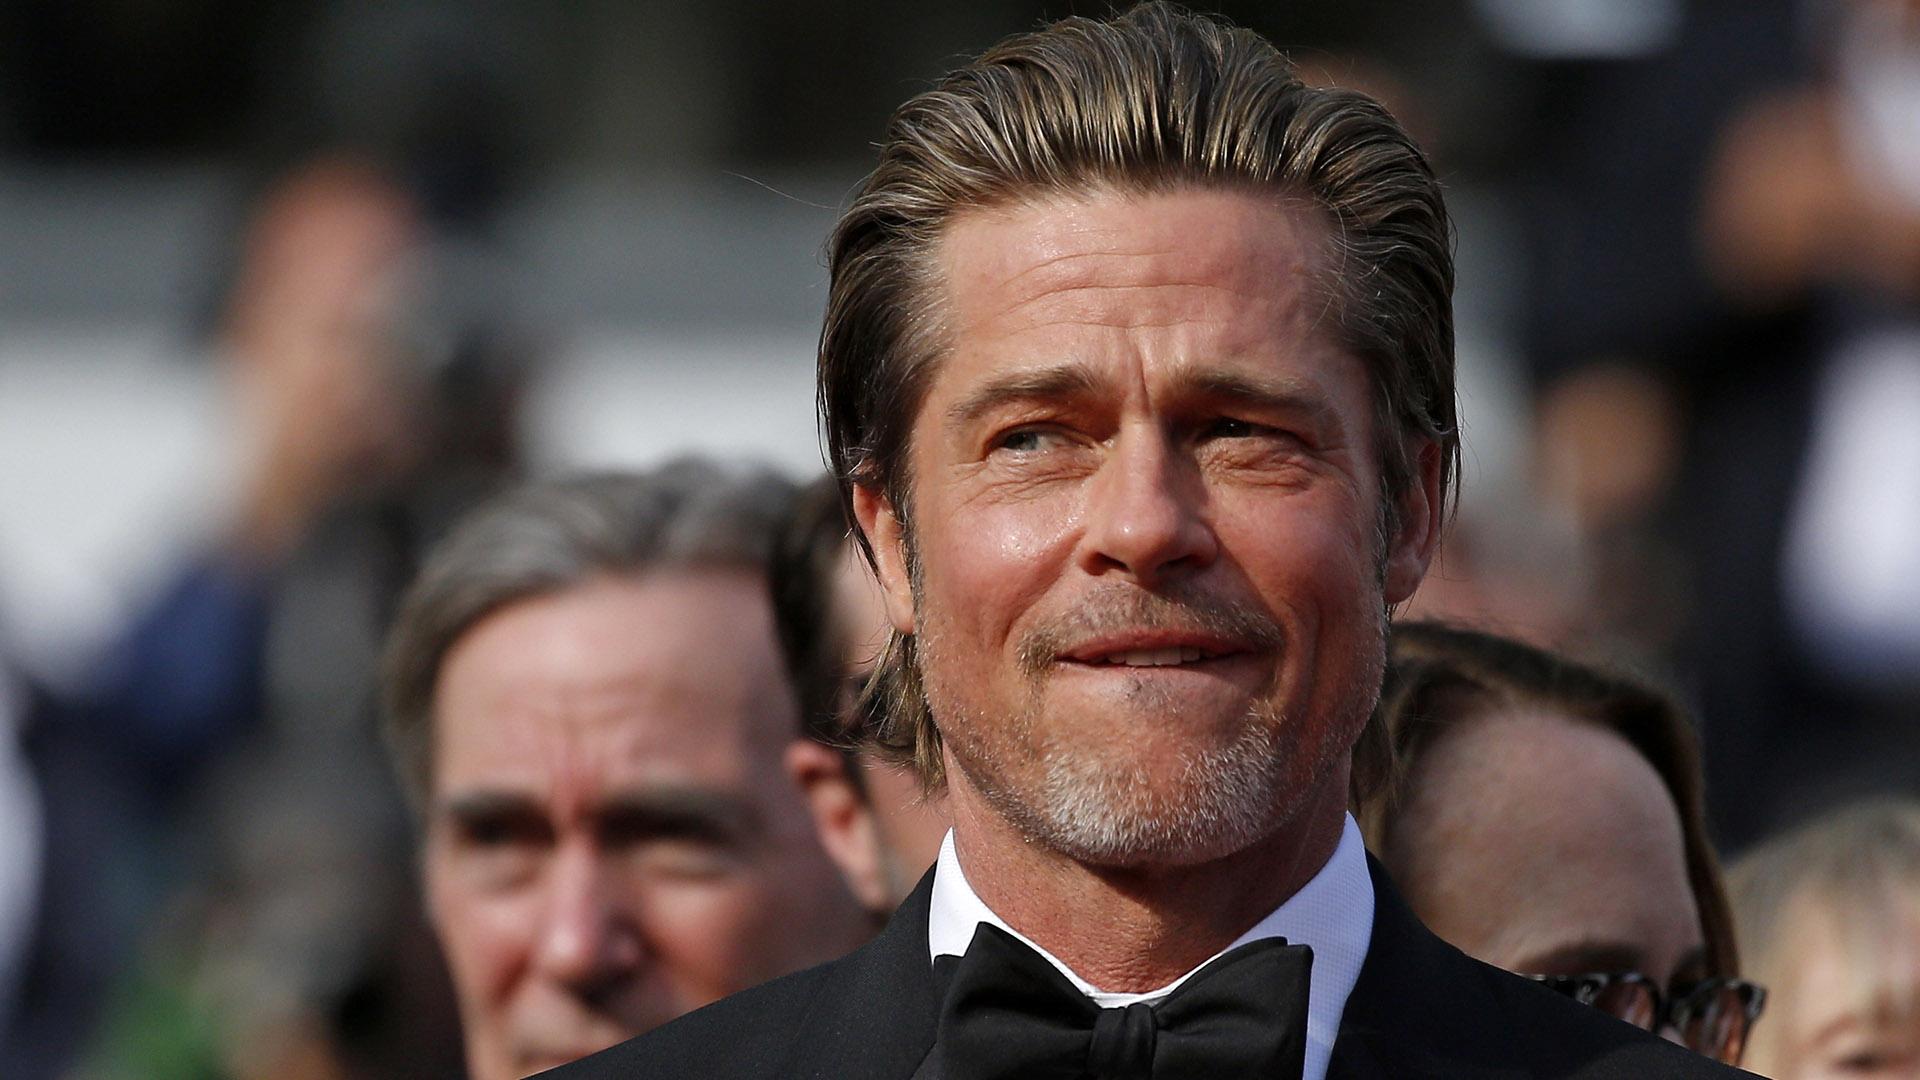 Brad Pitt estuvo alejado de los grandes eventos del cine desde su escandalosa separación de Angelina Jolie, con quien mantiene una batalla judicial por la custodia de sus seis hijos